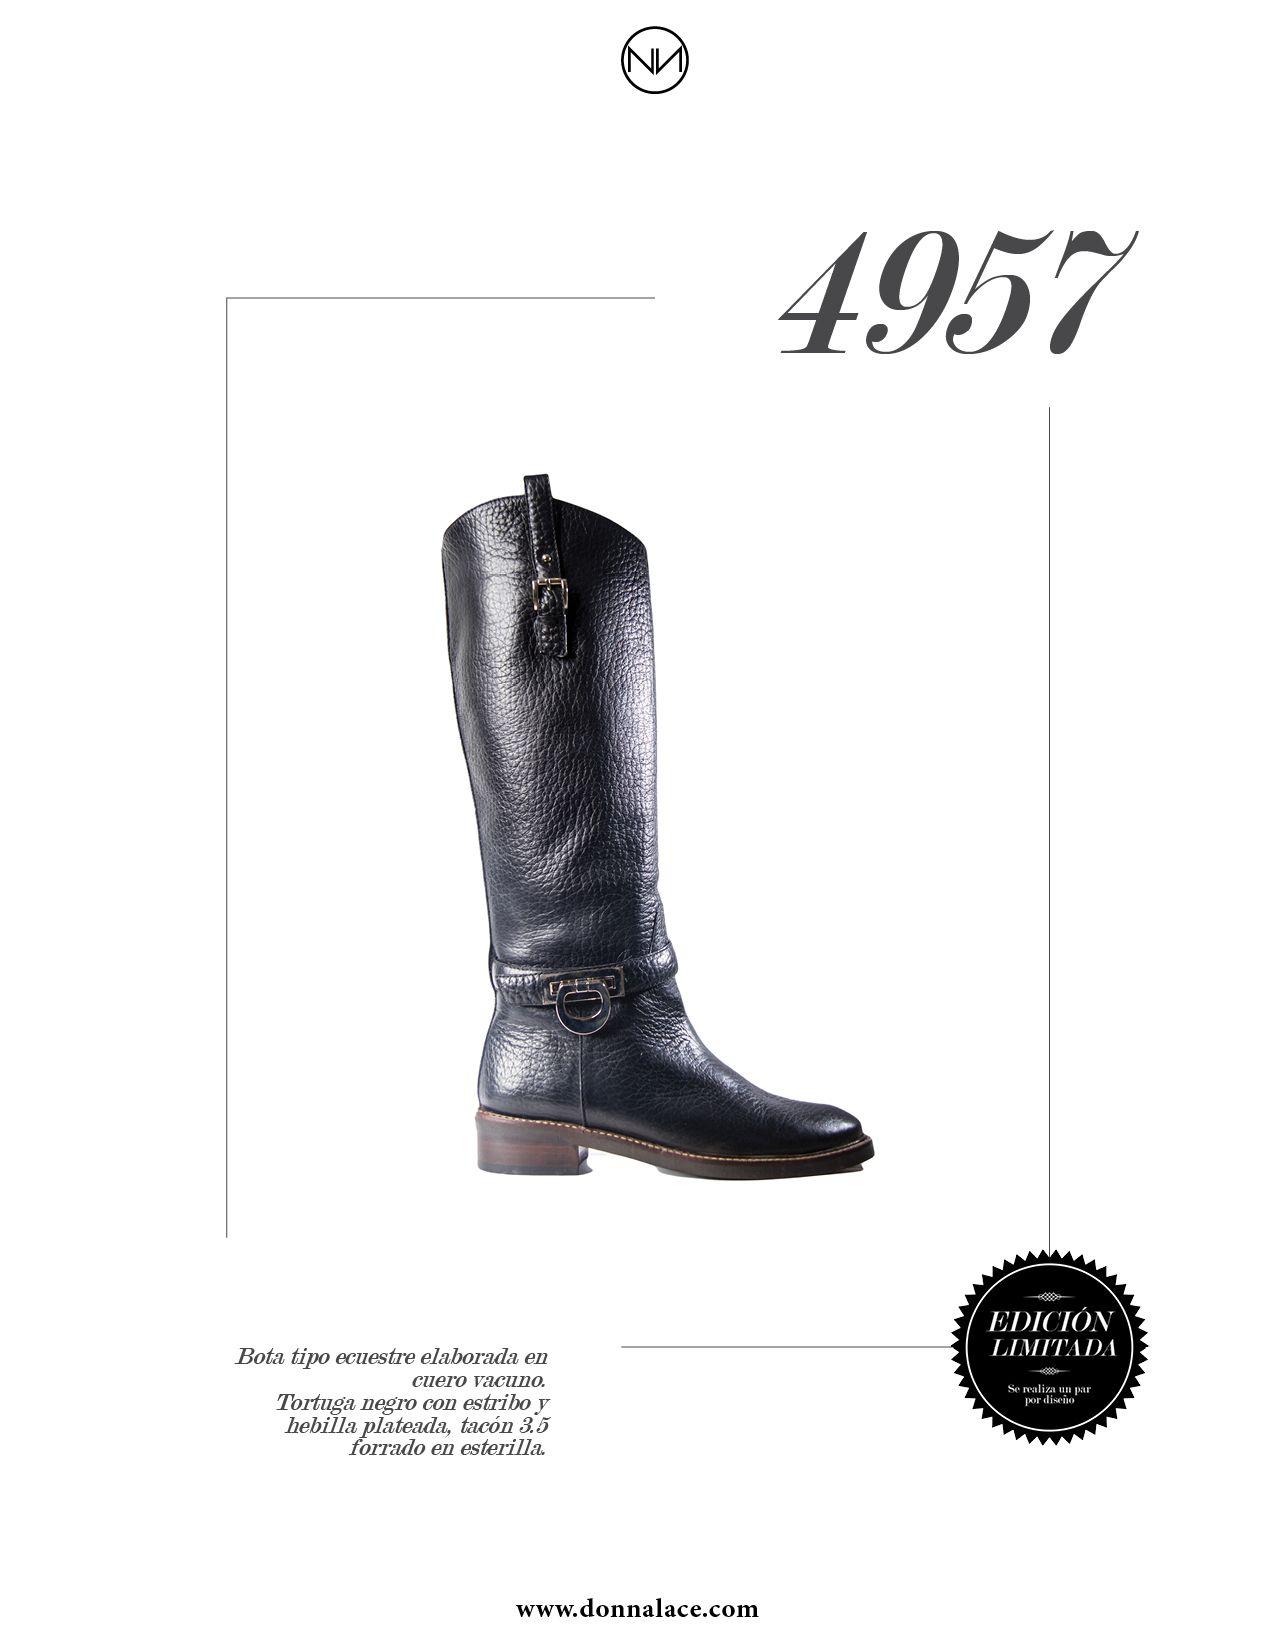 Ref: 4957